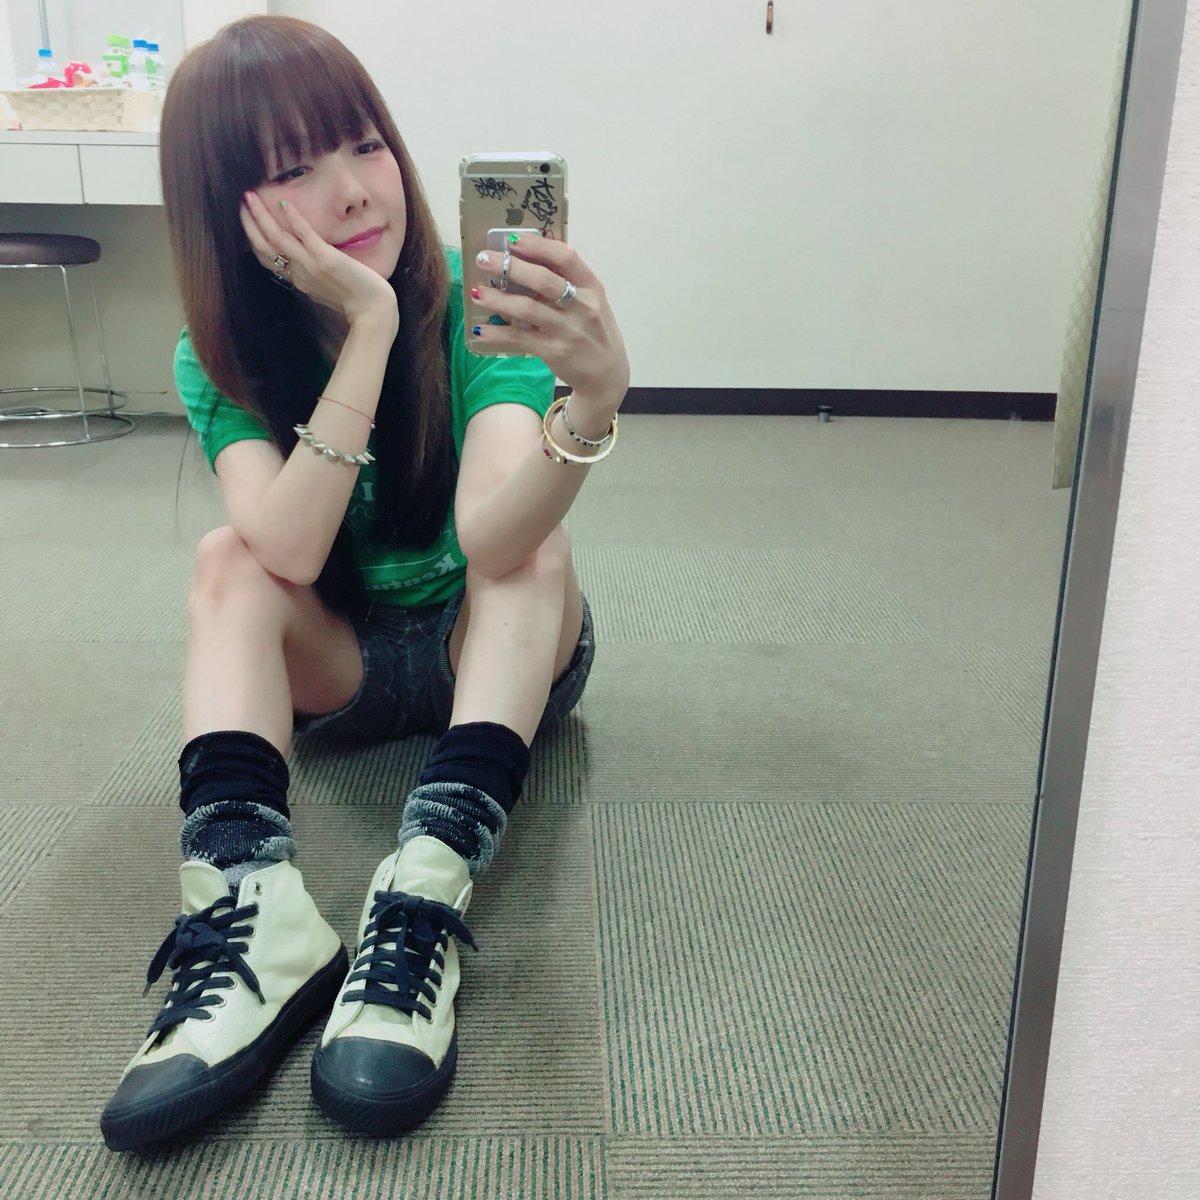 aikoハイカットのスニーカー可愛い